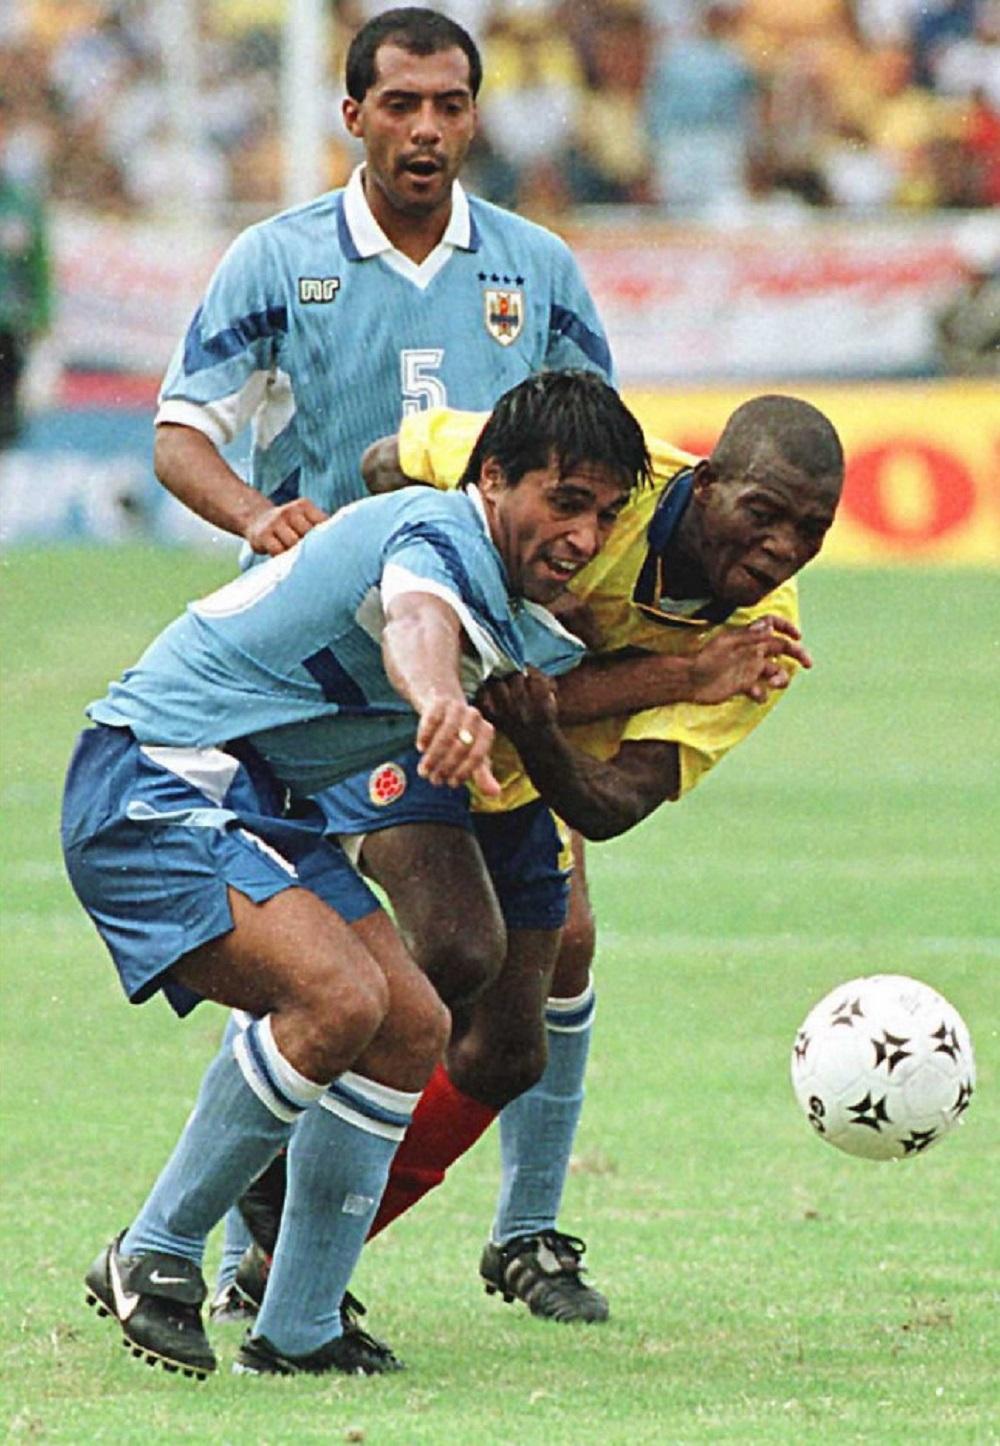 El jugador uruguayo Tabaré Silva lucha por el balón con Antonio Moreno durante el partido de eliminatorias de Francia 98 en Barranquilla. Ese día marcaron Faustino Asprilla, el 'Pibe' Valderrama y Anthony De Ávila. Por Uruguay lo hizo Cedrés.